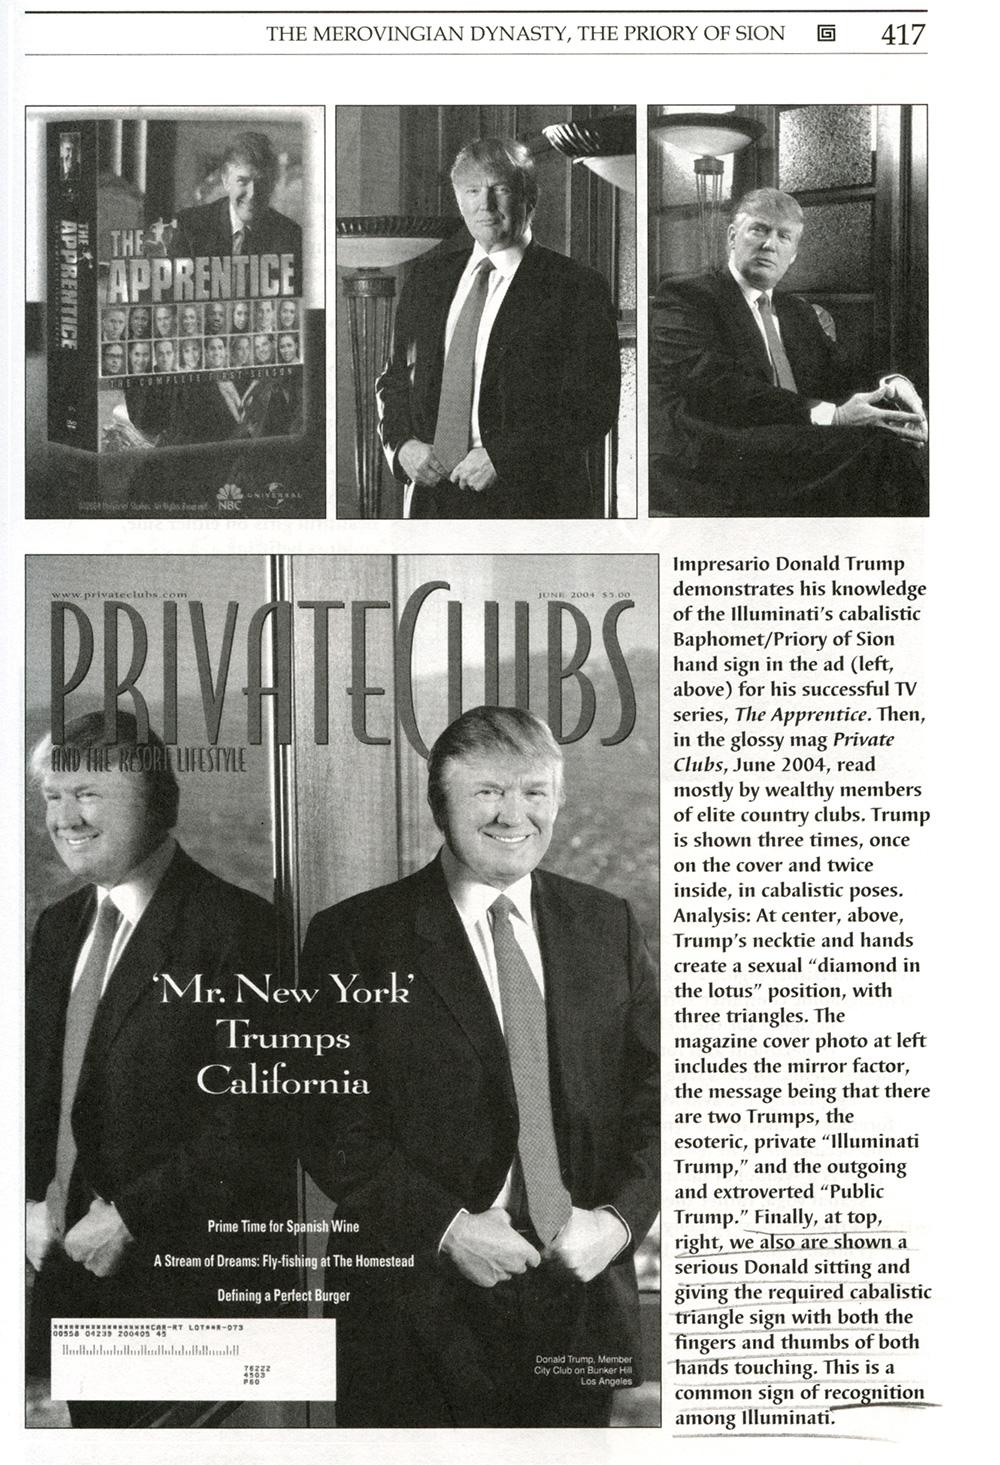 Donald Trump demonstreert op een aantal formele foto's zijn kennis van illuminati handgebaren. In het tijdschrift Private Clubs, vooral gelezen door rijke leden van elite clubs, liet hij zich tot 3 keer toe fotograferen met een handgebaren waarmee de Cabal bekend is. Midden boven en onder: Trump's stropdas creëren een seksuele 'diamant in lotus-positie', met 3 driehoeken. Rechtsboven houdt Trump zijn handen in een ander driehoek-gebaar. Dit handgebaar is een gebruikelijk teken van erkenning onder de illuminati. Bron: Codex Magica, Secret Signs, Mysterious Symbols, and Hidden Codes of the Illuminati. Texe Marrs